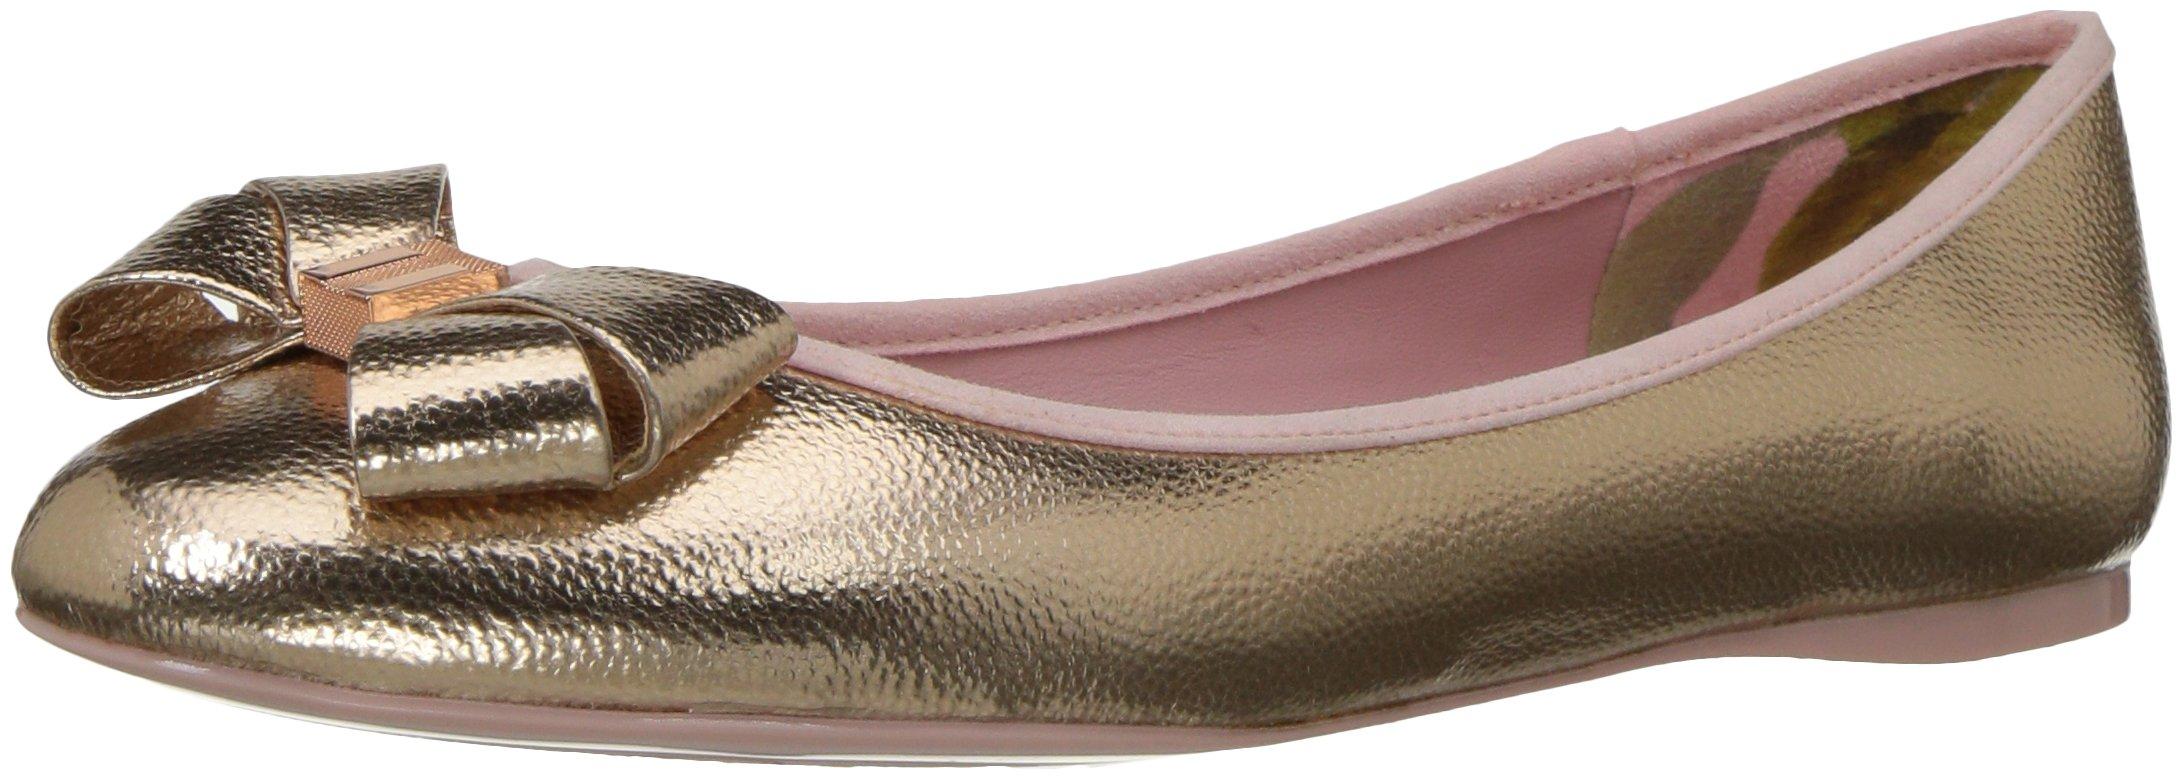 Ted Baker Women's Immet Ballet Shoe, Rose Gold New Bow, 9 M US